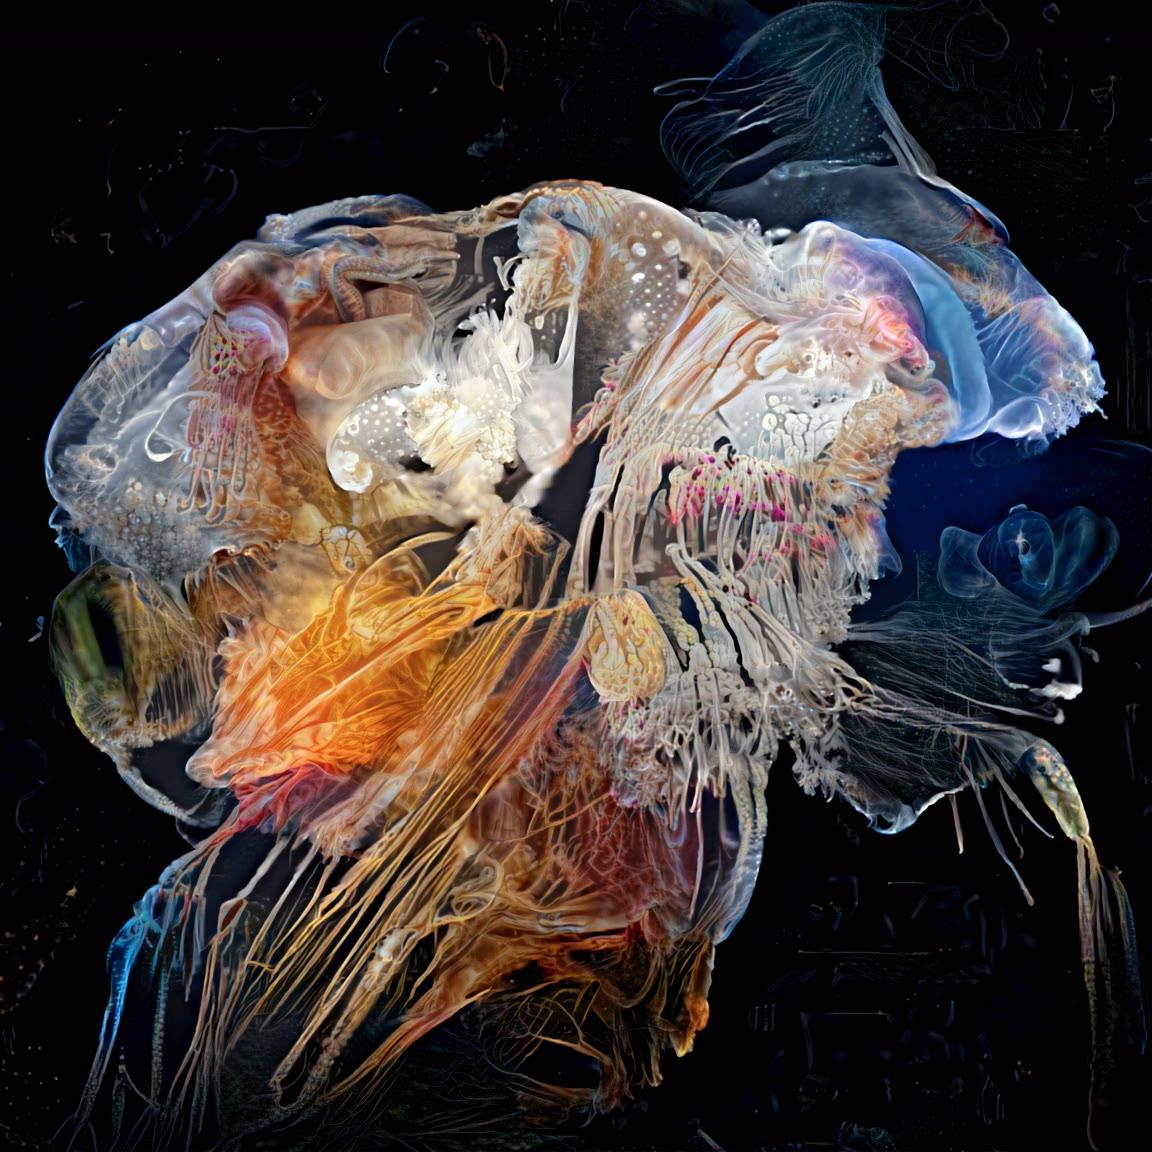 Sofia-Crespo-Neural-Zoo-AI-meets-human-creativity-1.jpg